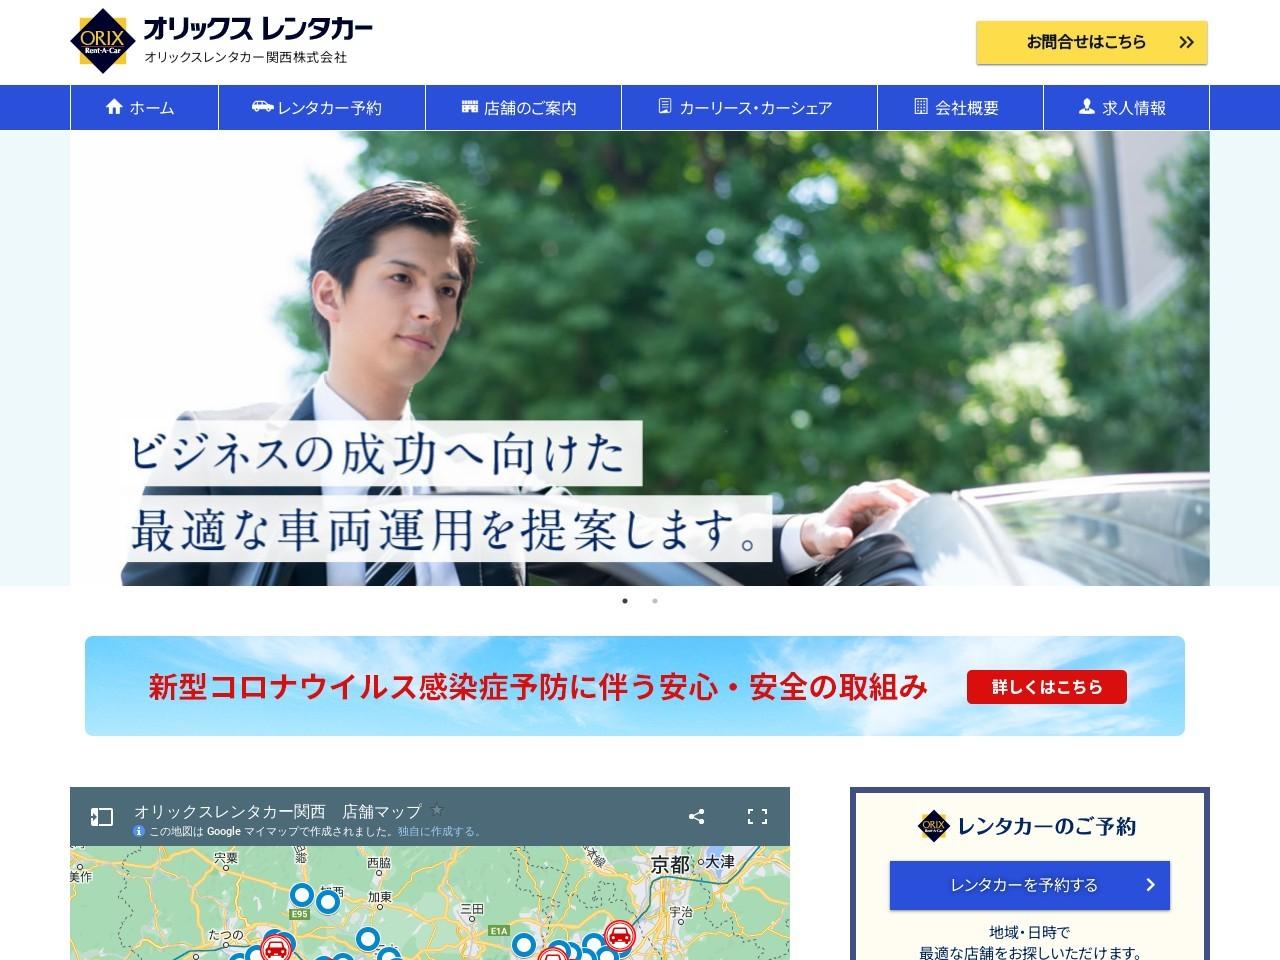 オリックスレンタカー関西株式会社大阪駅前店